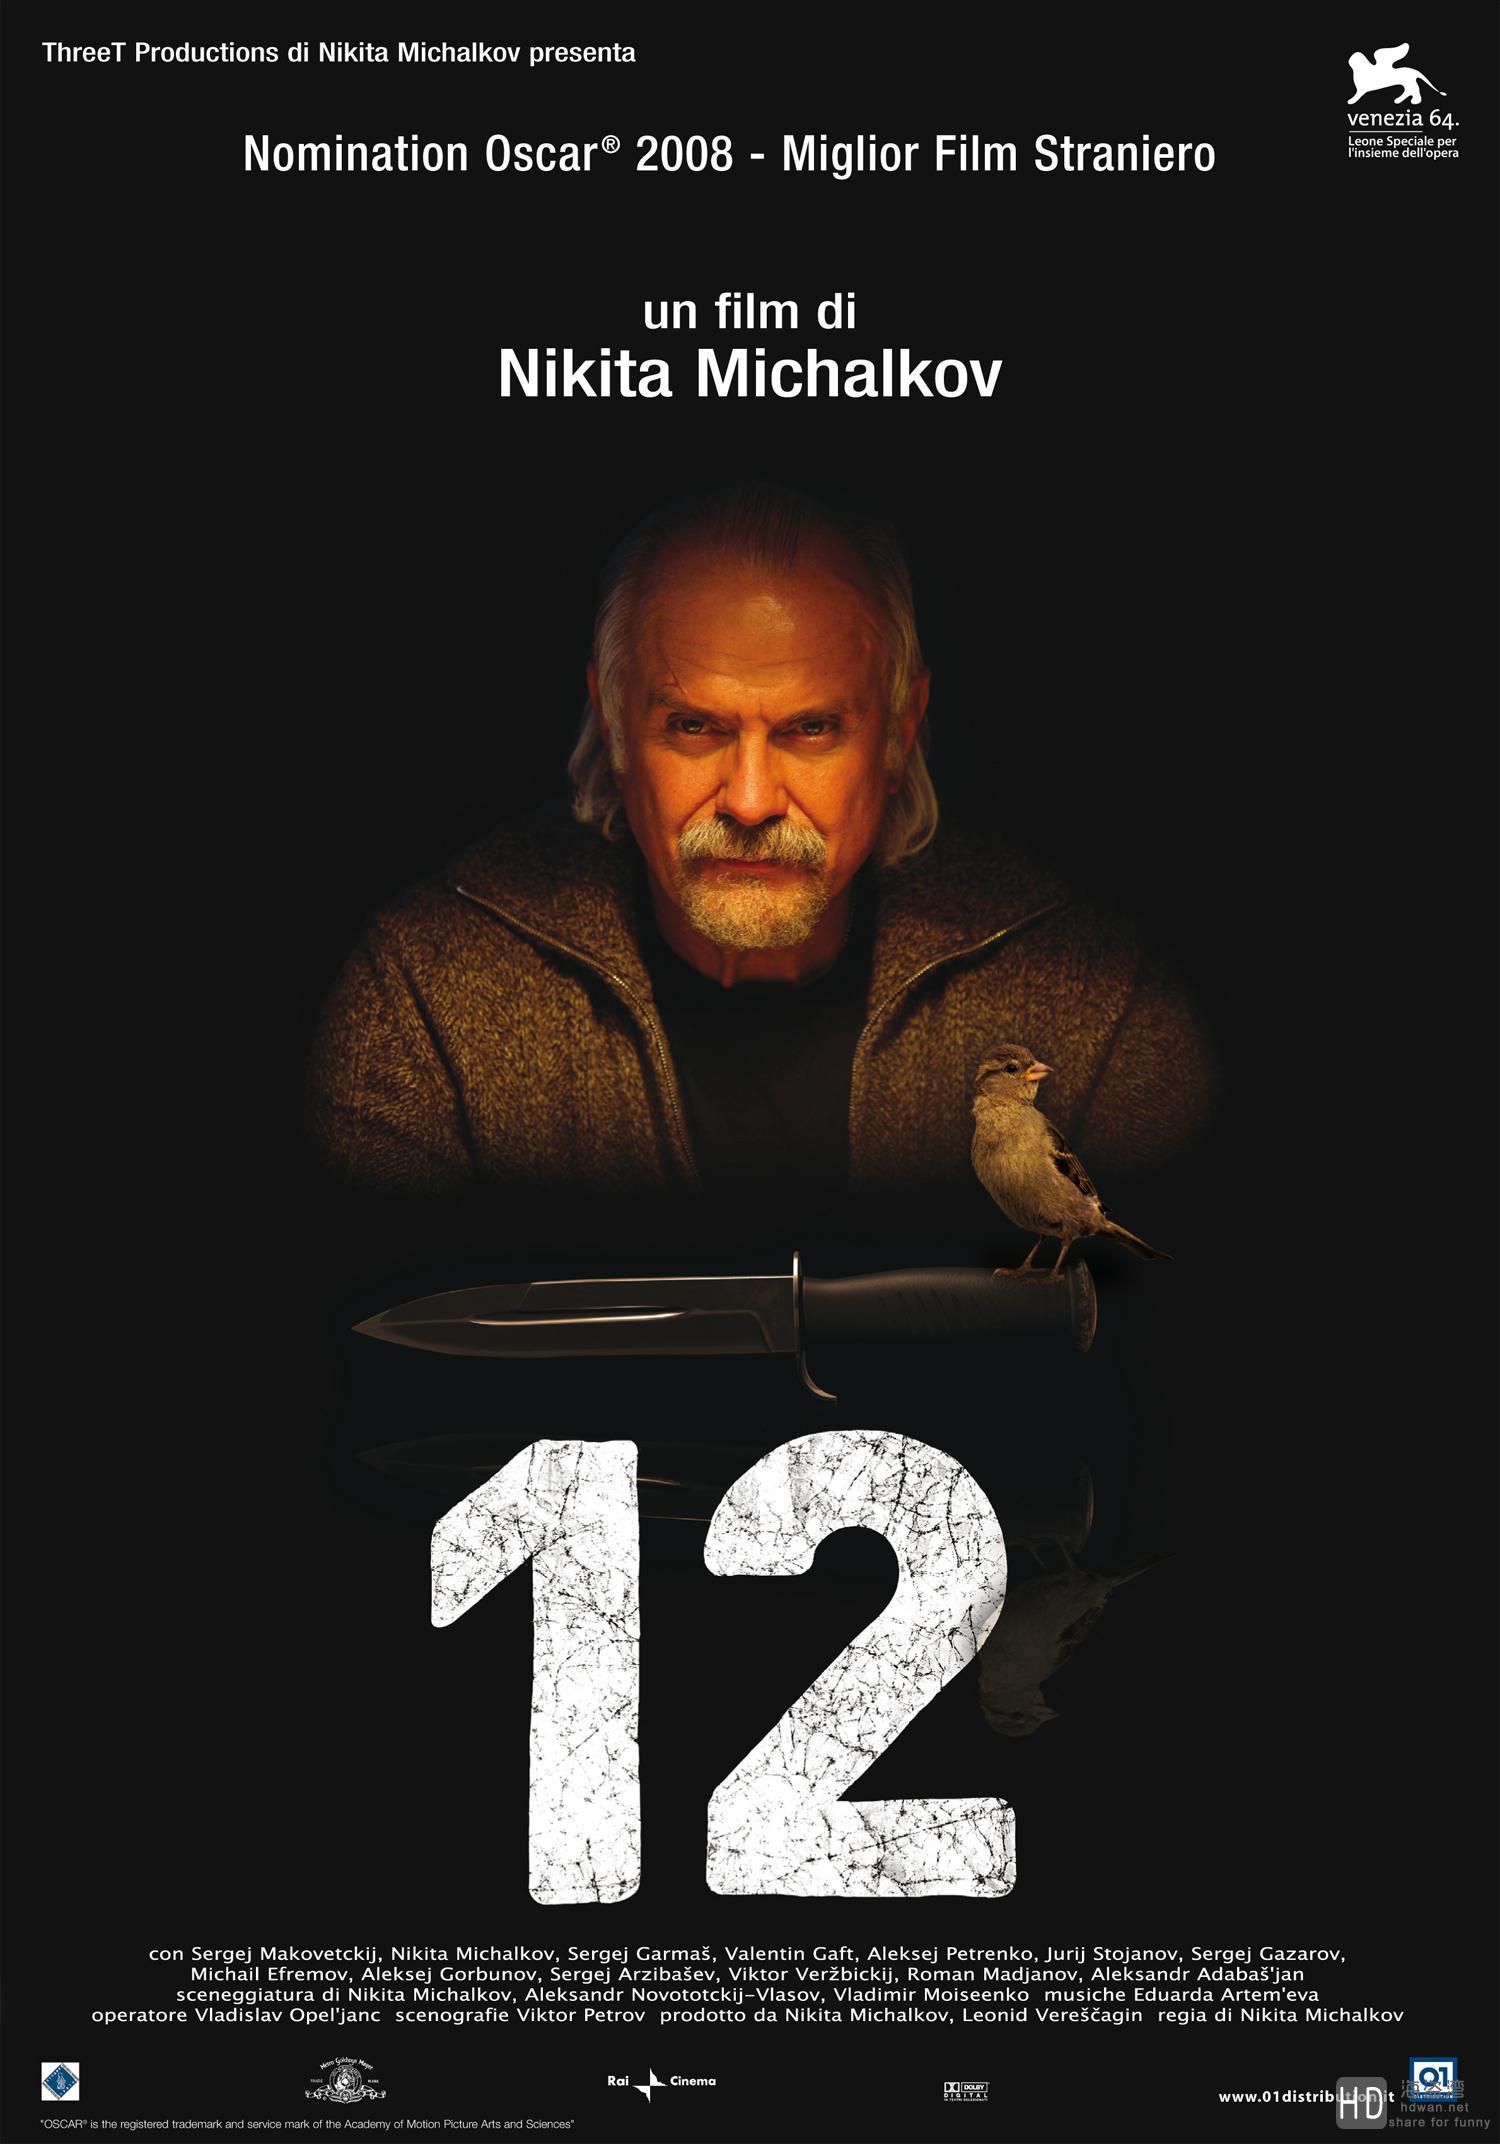 [2007][俄罗斯][犯罪/剧情][12怒汉:大审判][]